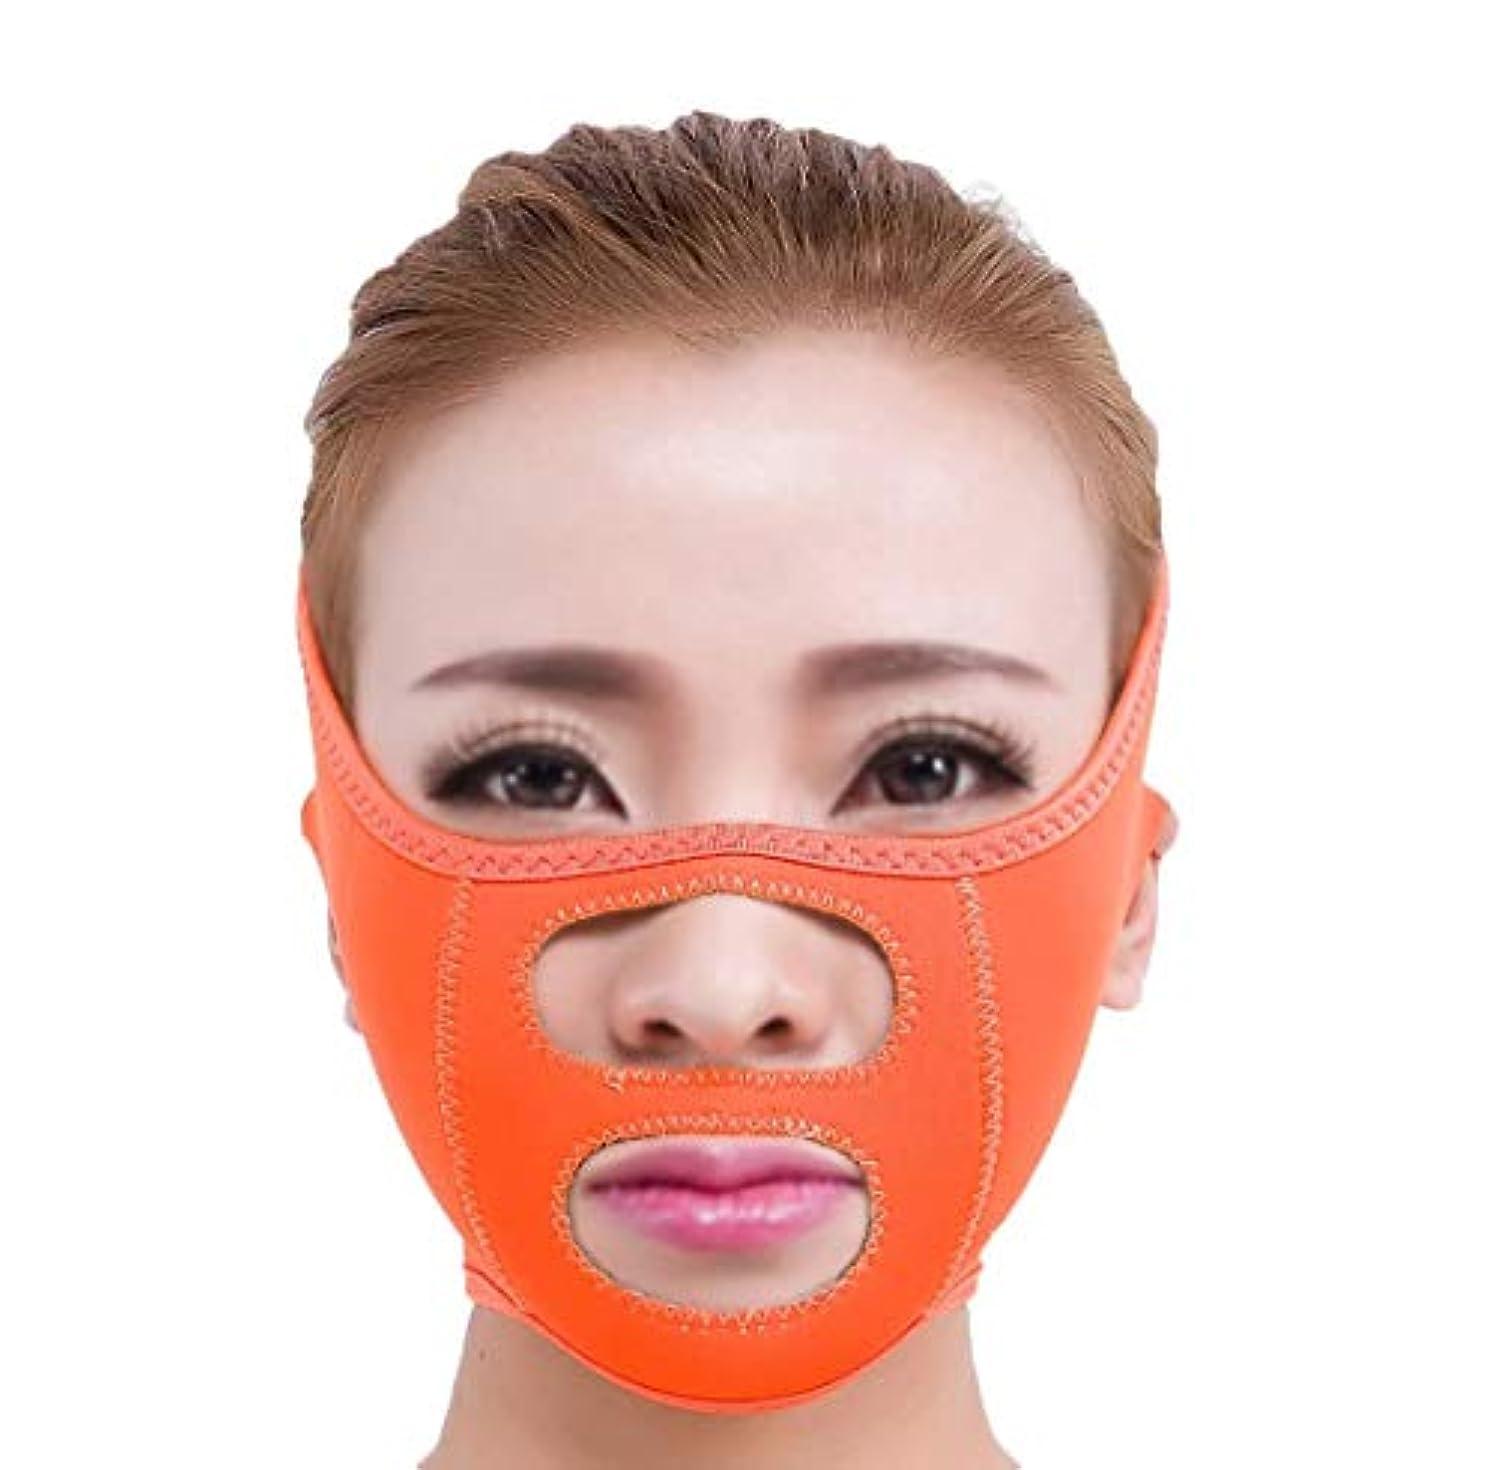 正確努力する施設HEMFV 顔の頬のV形状は、通気性の圧縮二重あごが包帯を減らしてスムーズな薄いマスクストラップフェイスラインをリフトアップ (Color : Orange)